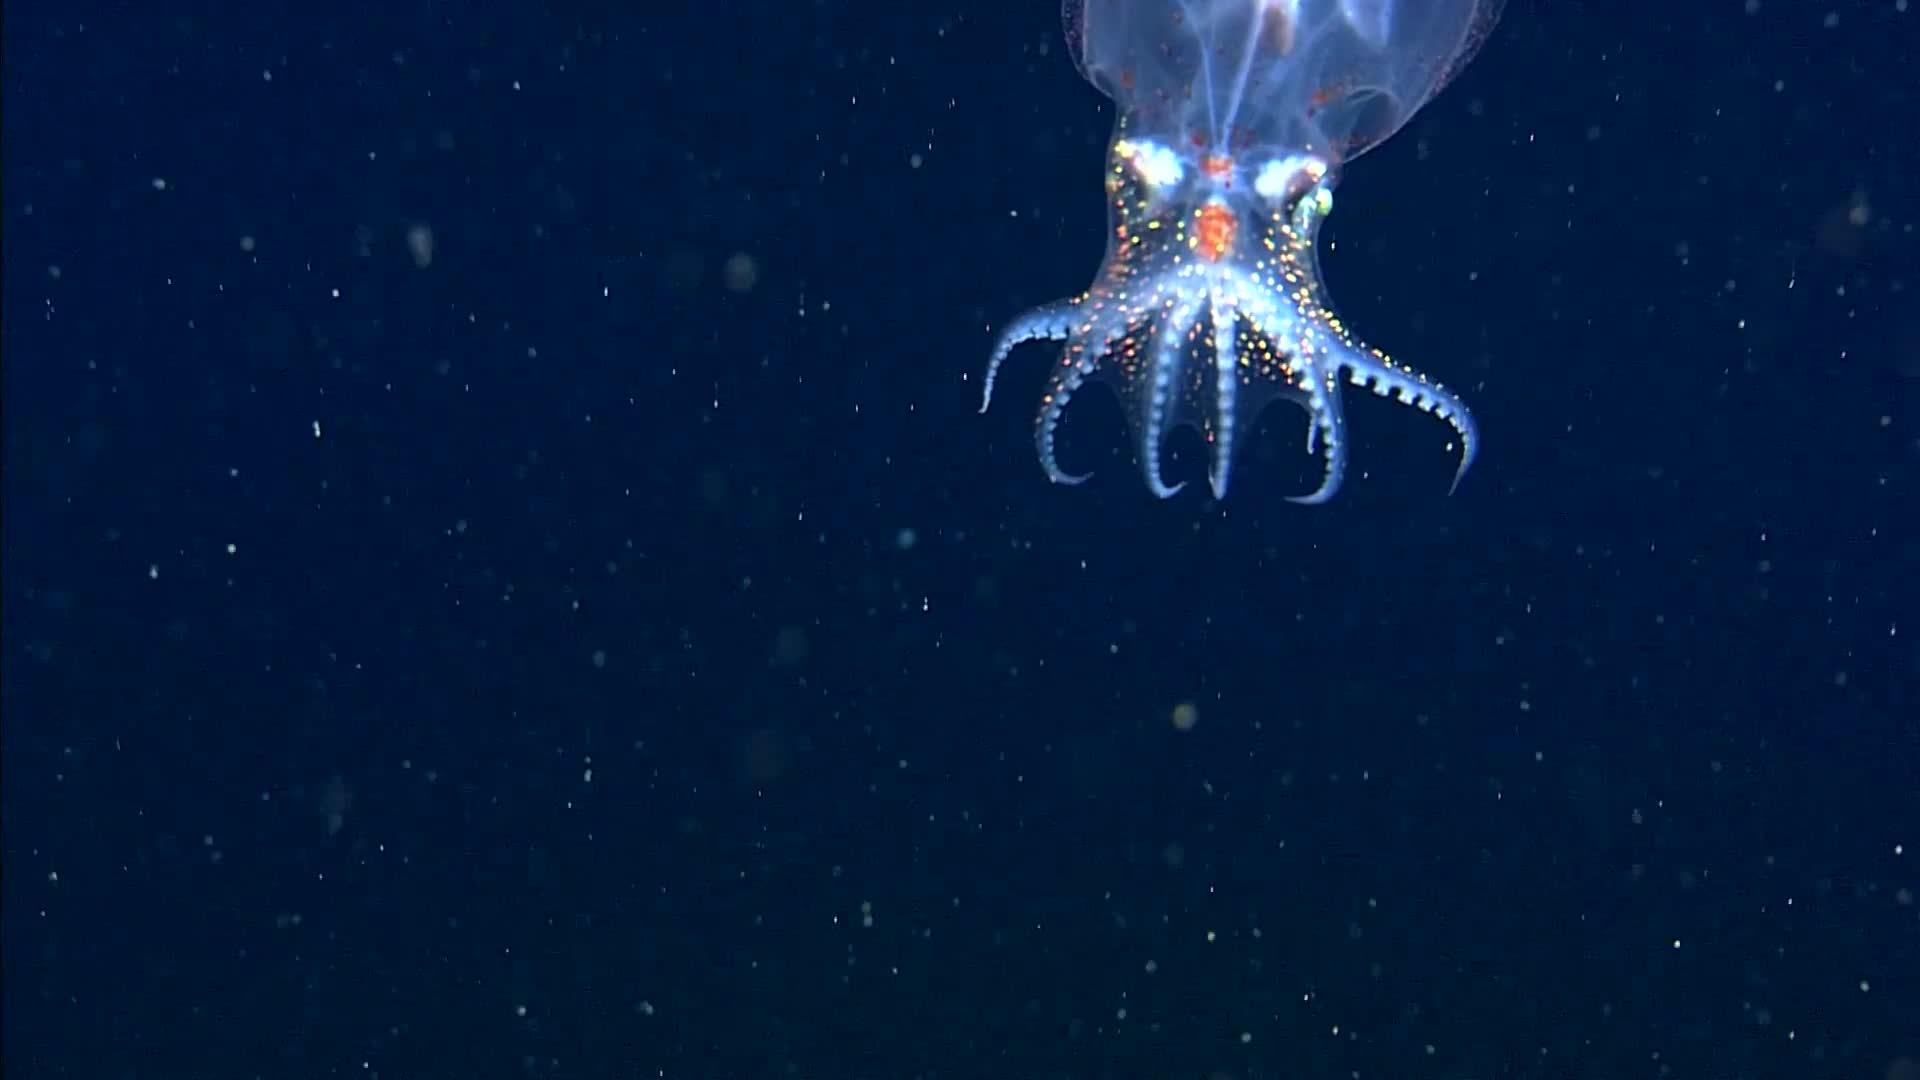 blue planet, our planet, transparent sea creature GIFs